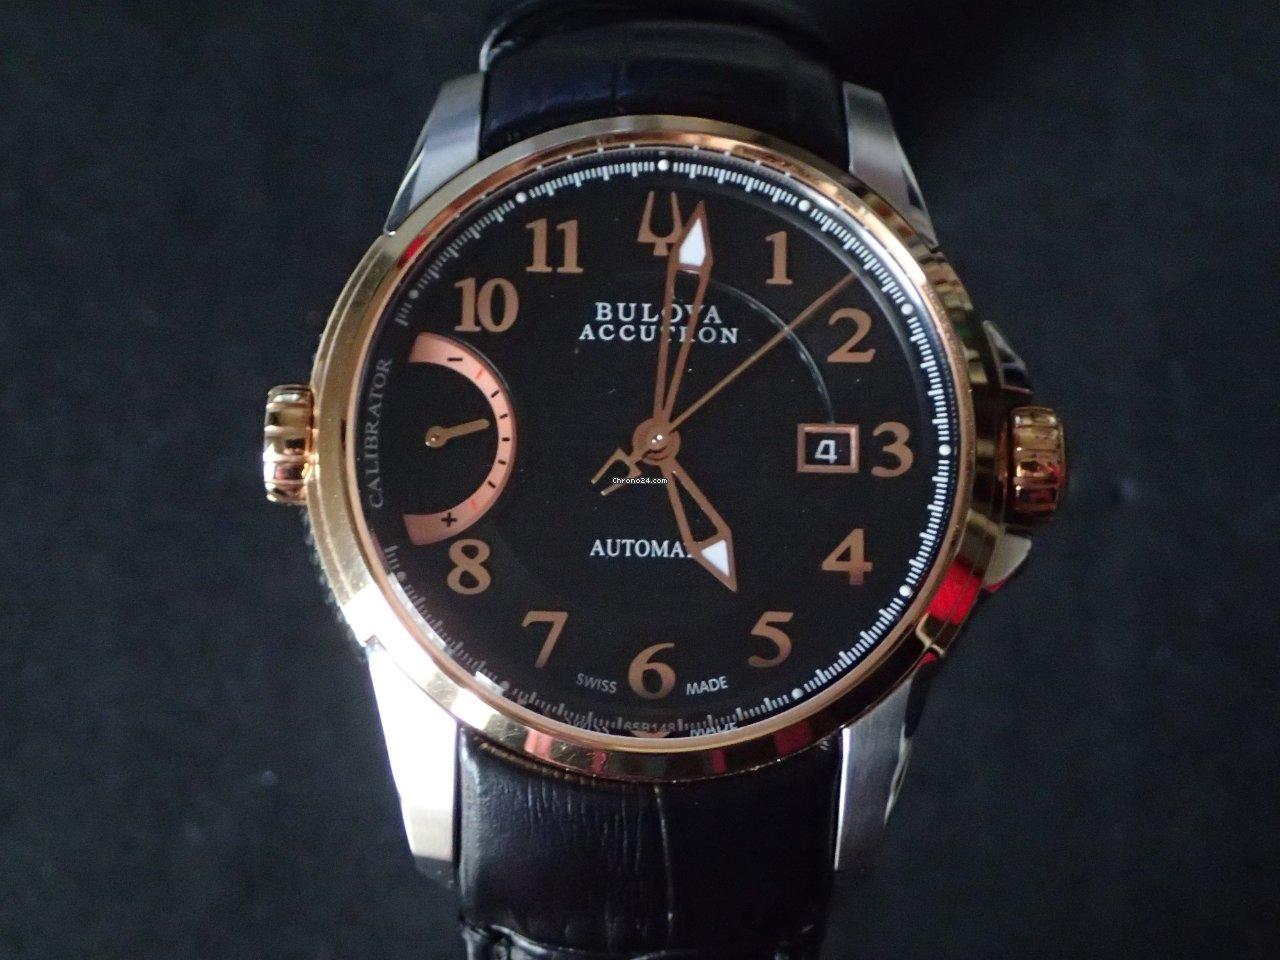 Μεταχειρισμένα ρολόγια Bulova  be78addf24e